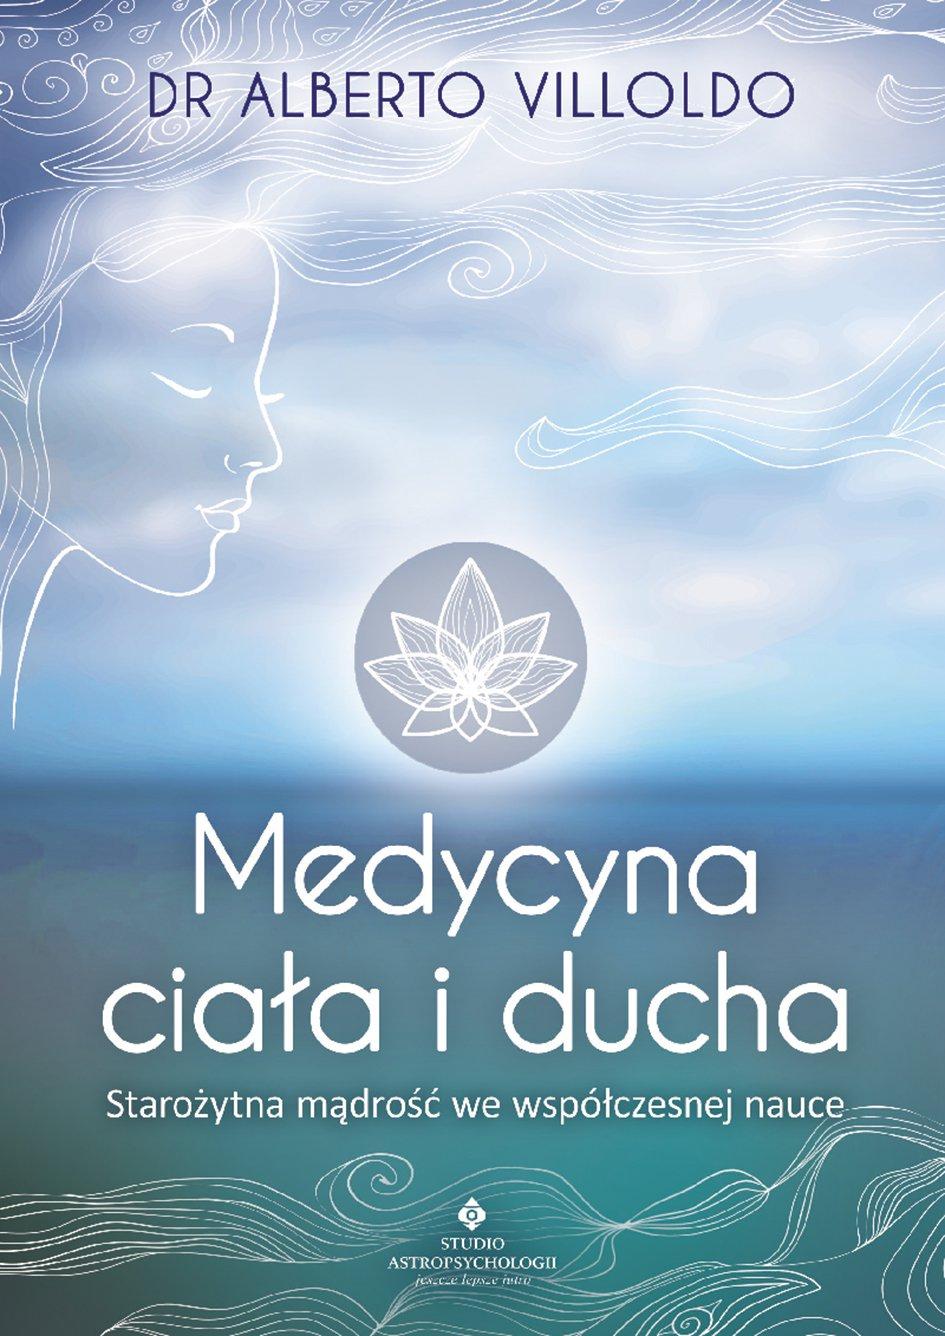 Medycyna ciała i ducha. Starożytna mądrość we współczesnej nauce - Ebook (Książka na Kindle) do pobrania w formacie MOBI